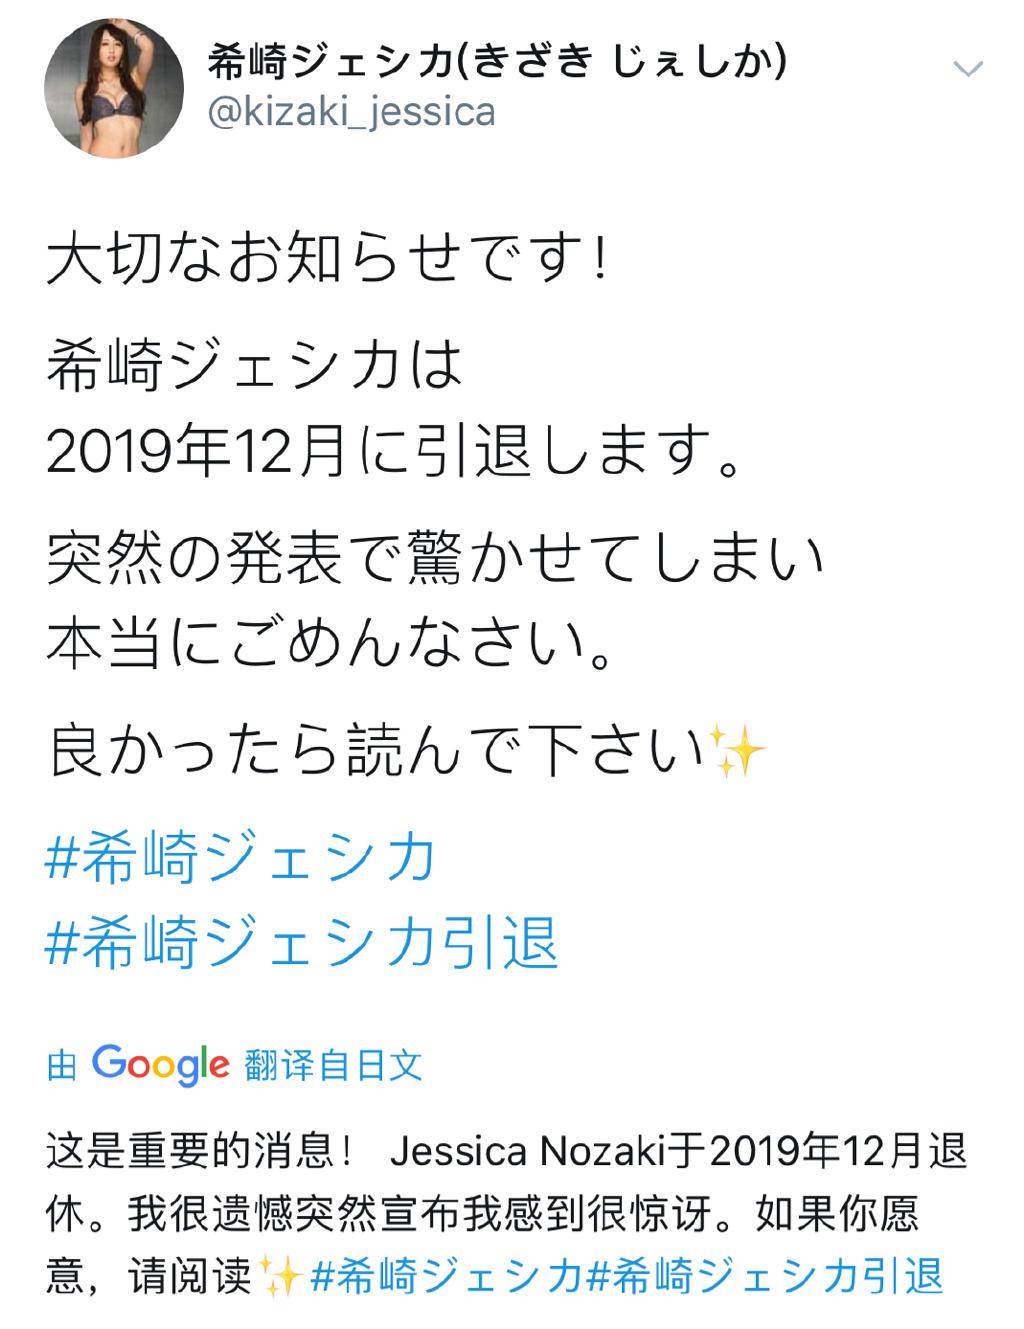 希崎杰西卡在30岁的生日上宣布引退,结束11年职业生涯 